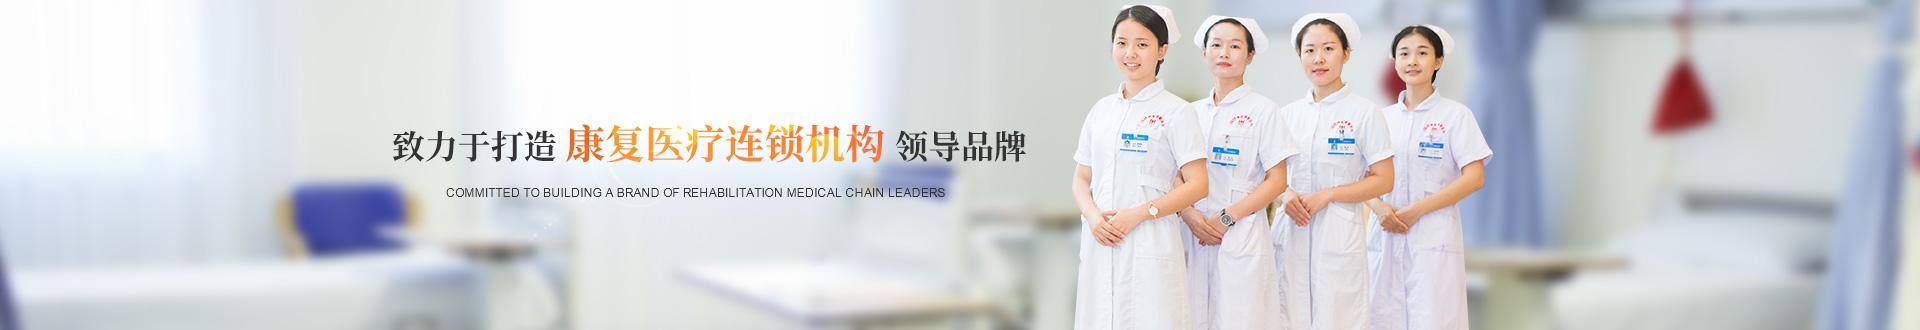 旗下企业-康年banner1